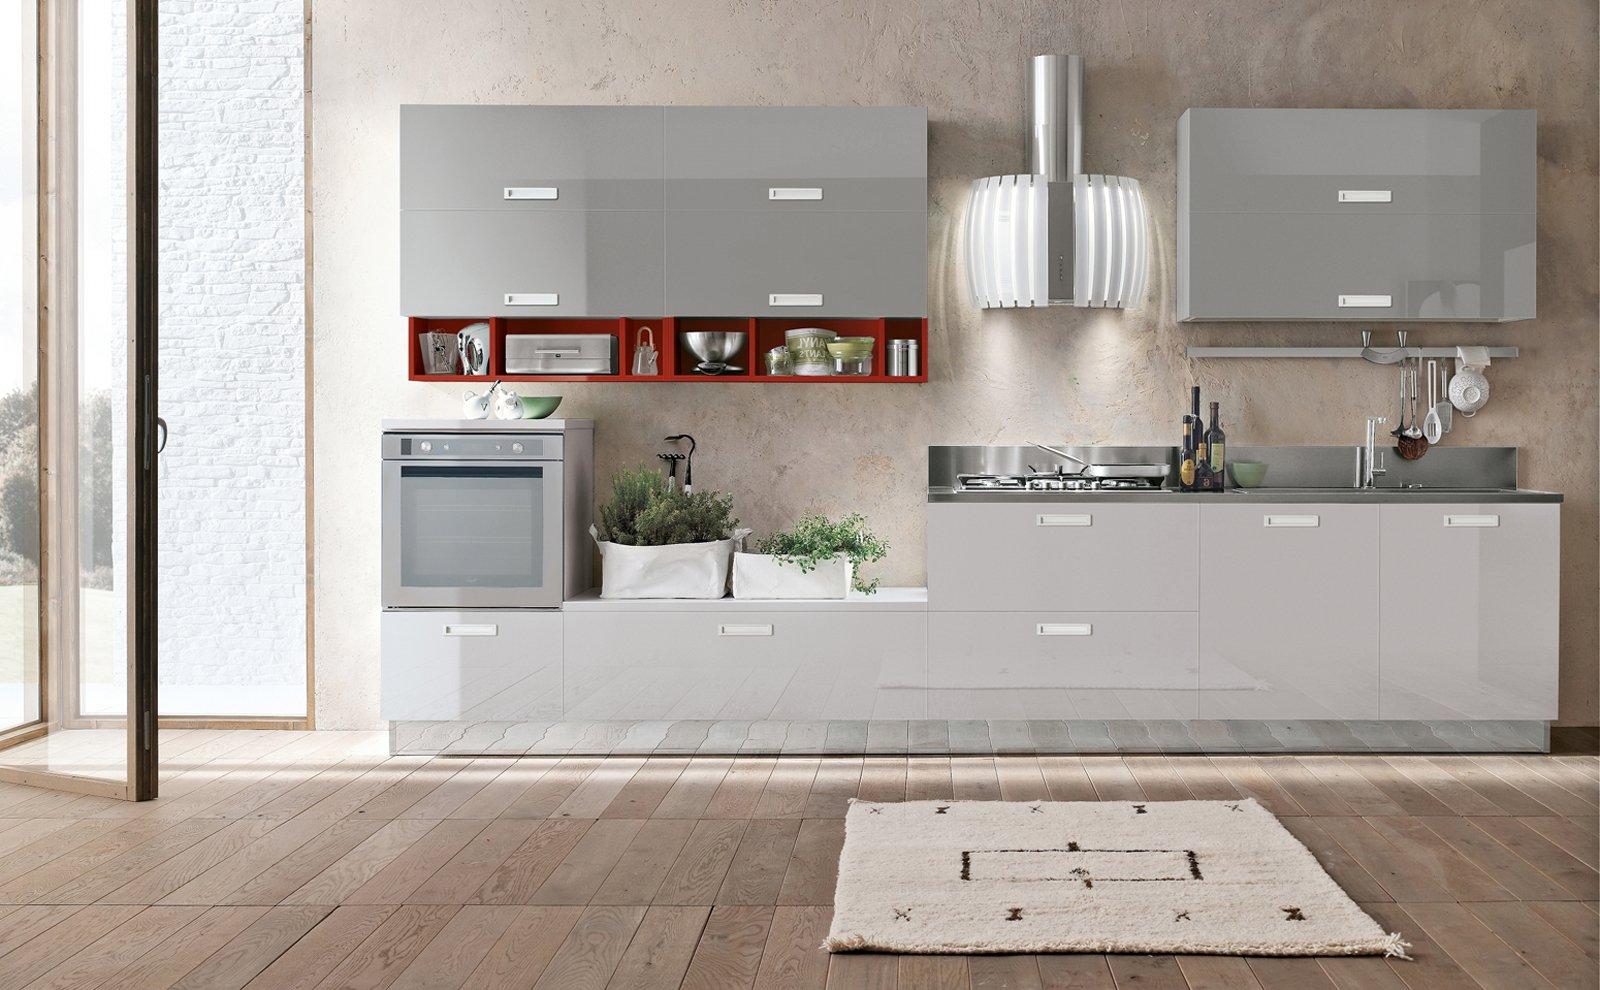 Cucine secondo progetto pi preventivo cose di casa for Immagini per cucina